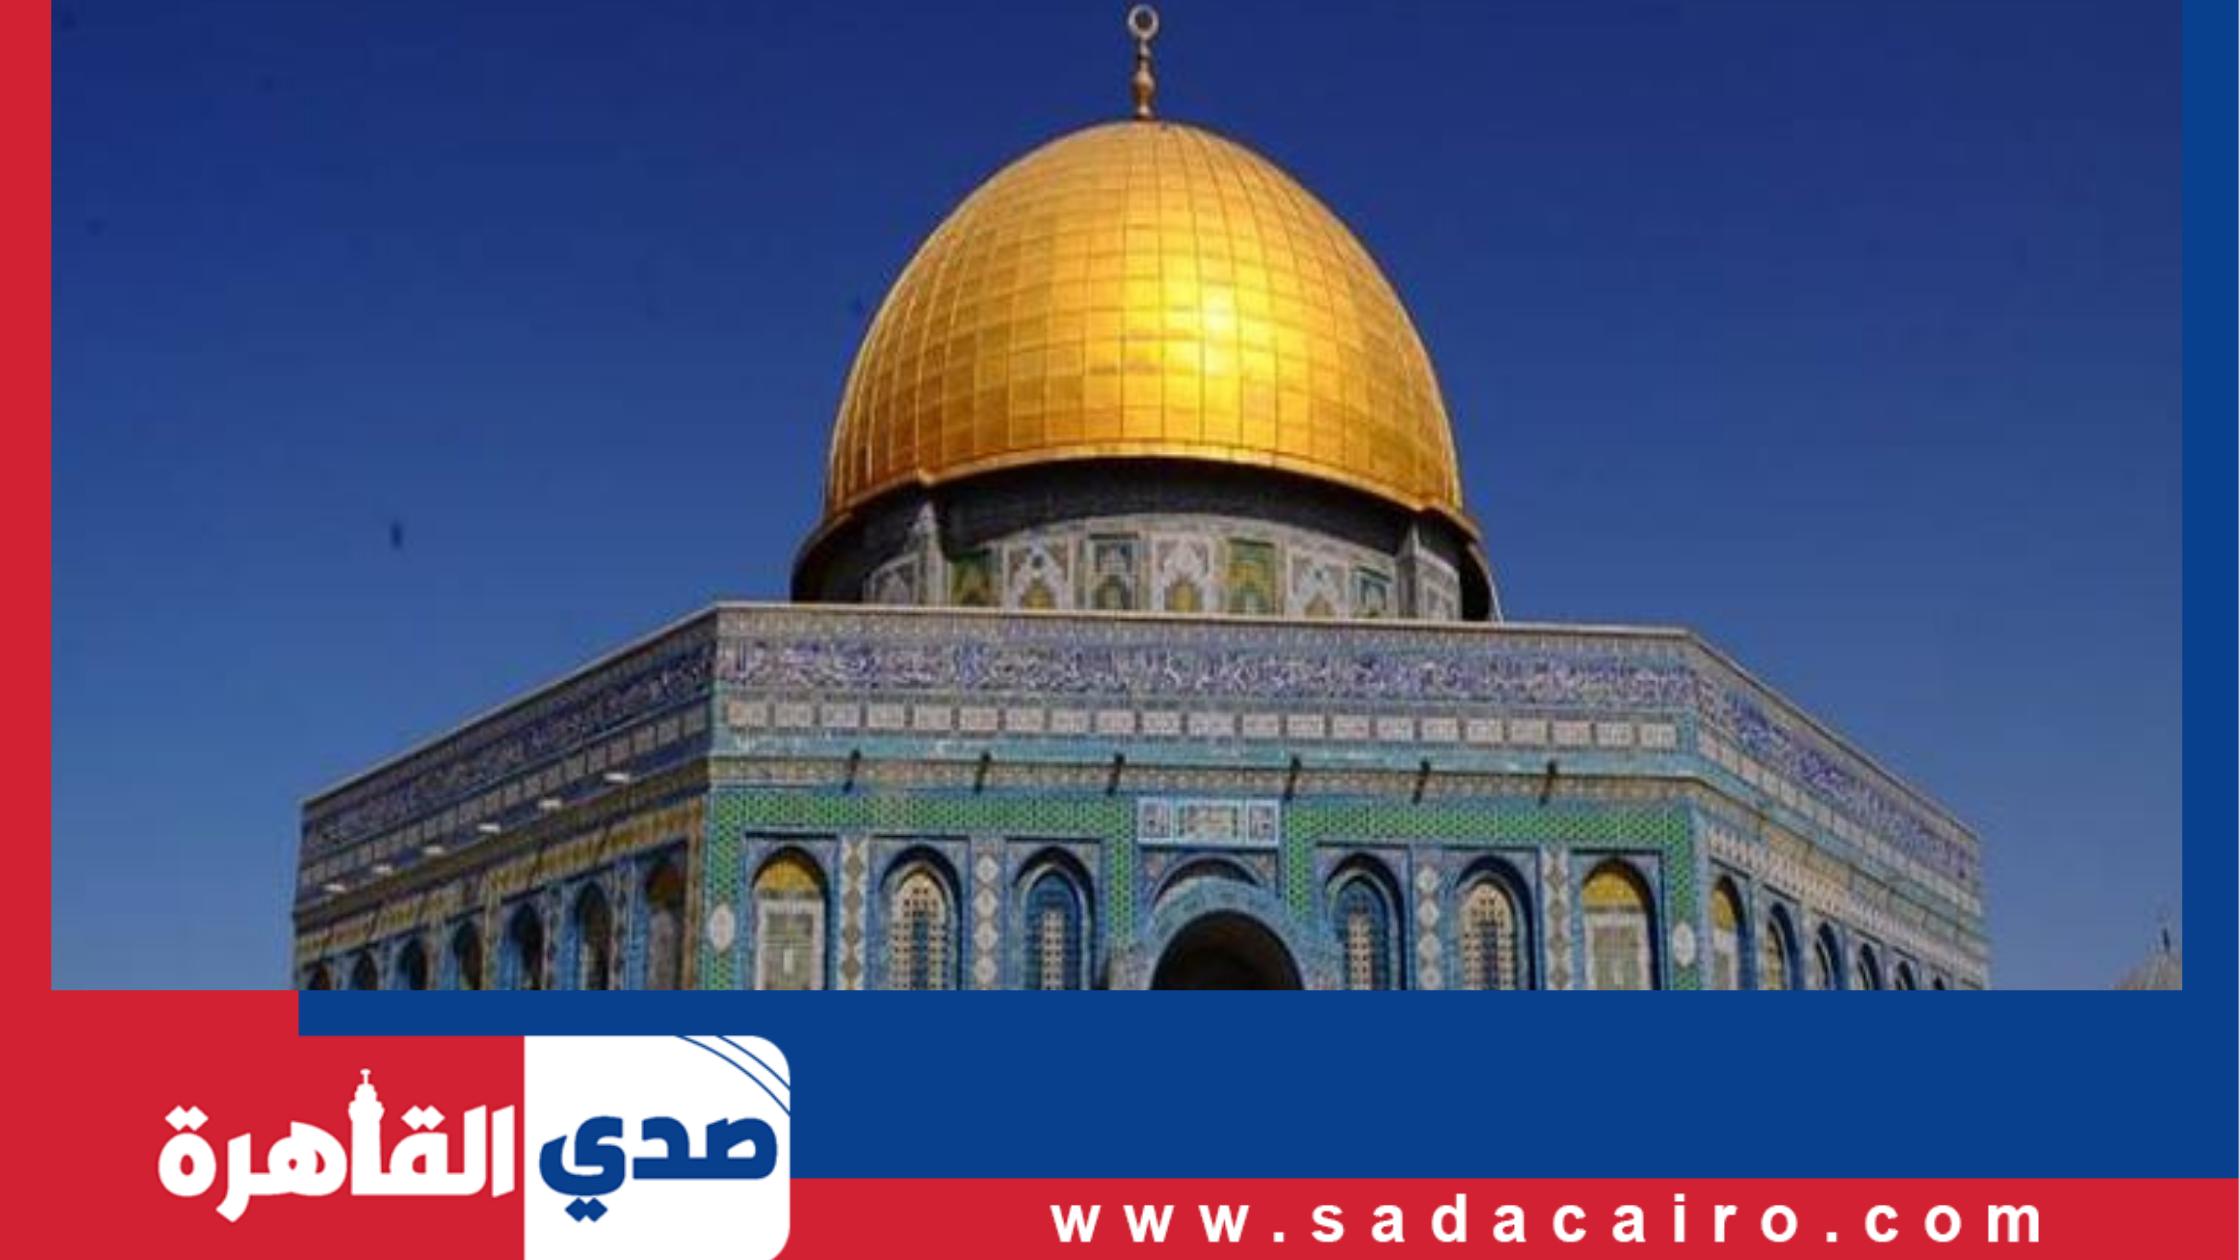 البرلمان العربي يحذر من اقتحام المسجد الأقصى